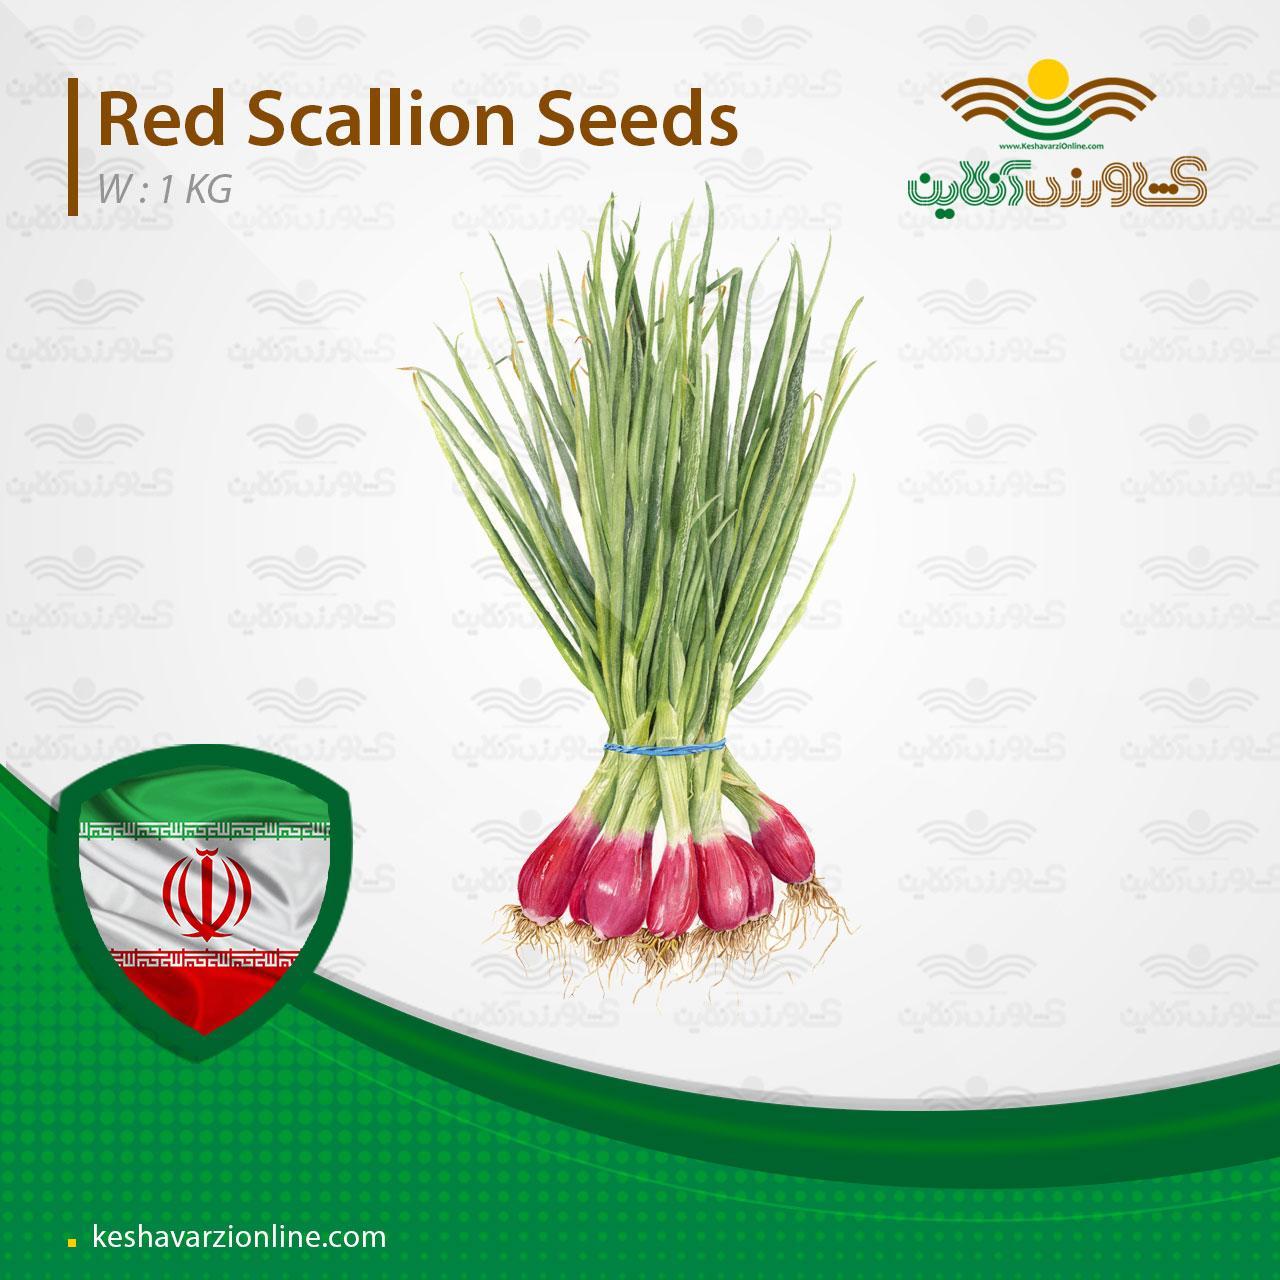 بذر پیازچه قرمز بهمراه روش کاشت بذر پیازچه قرمز